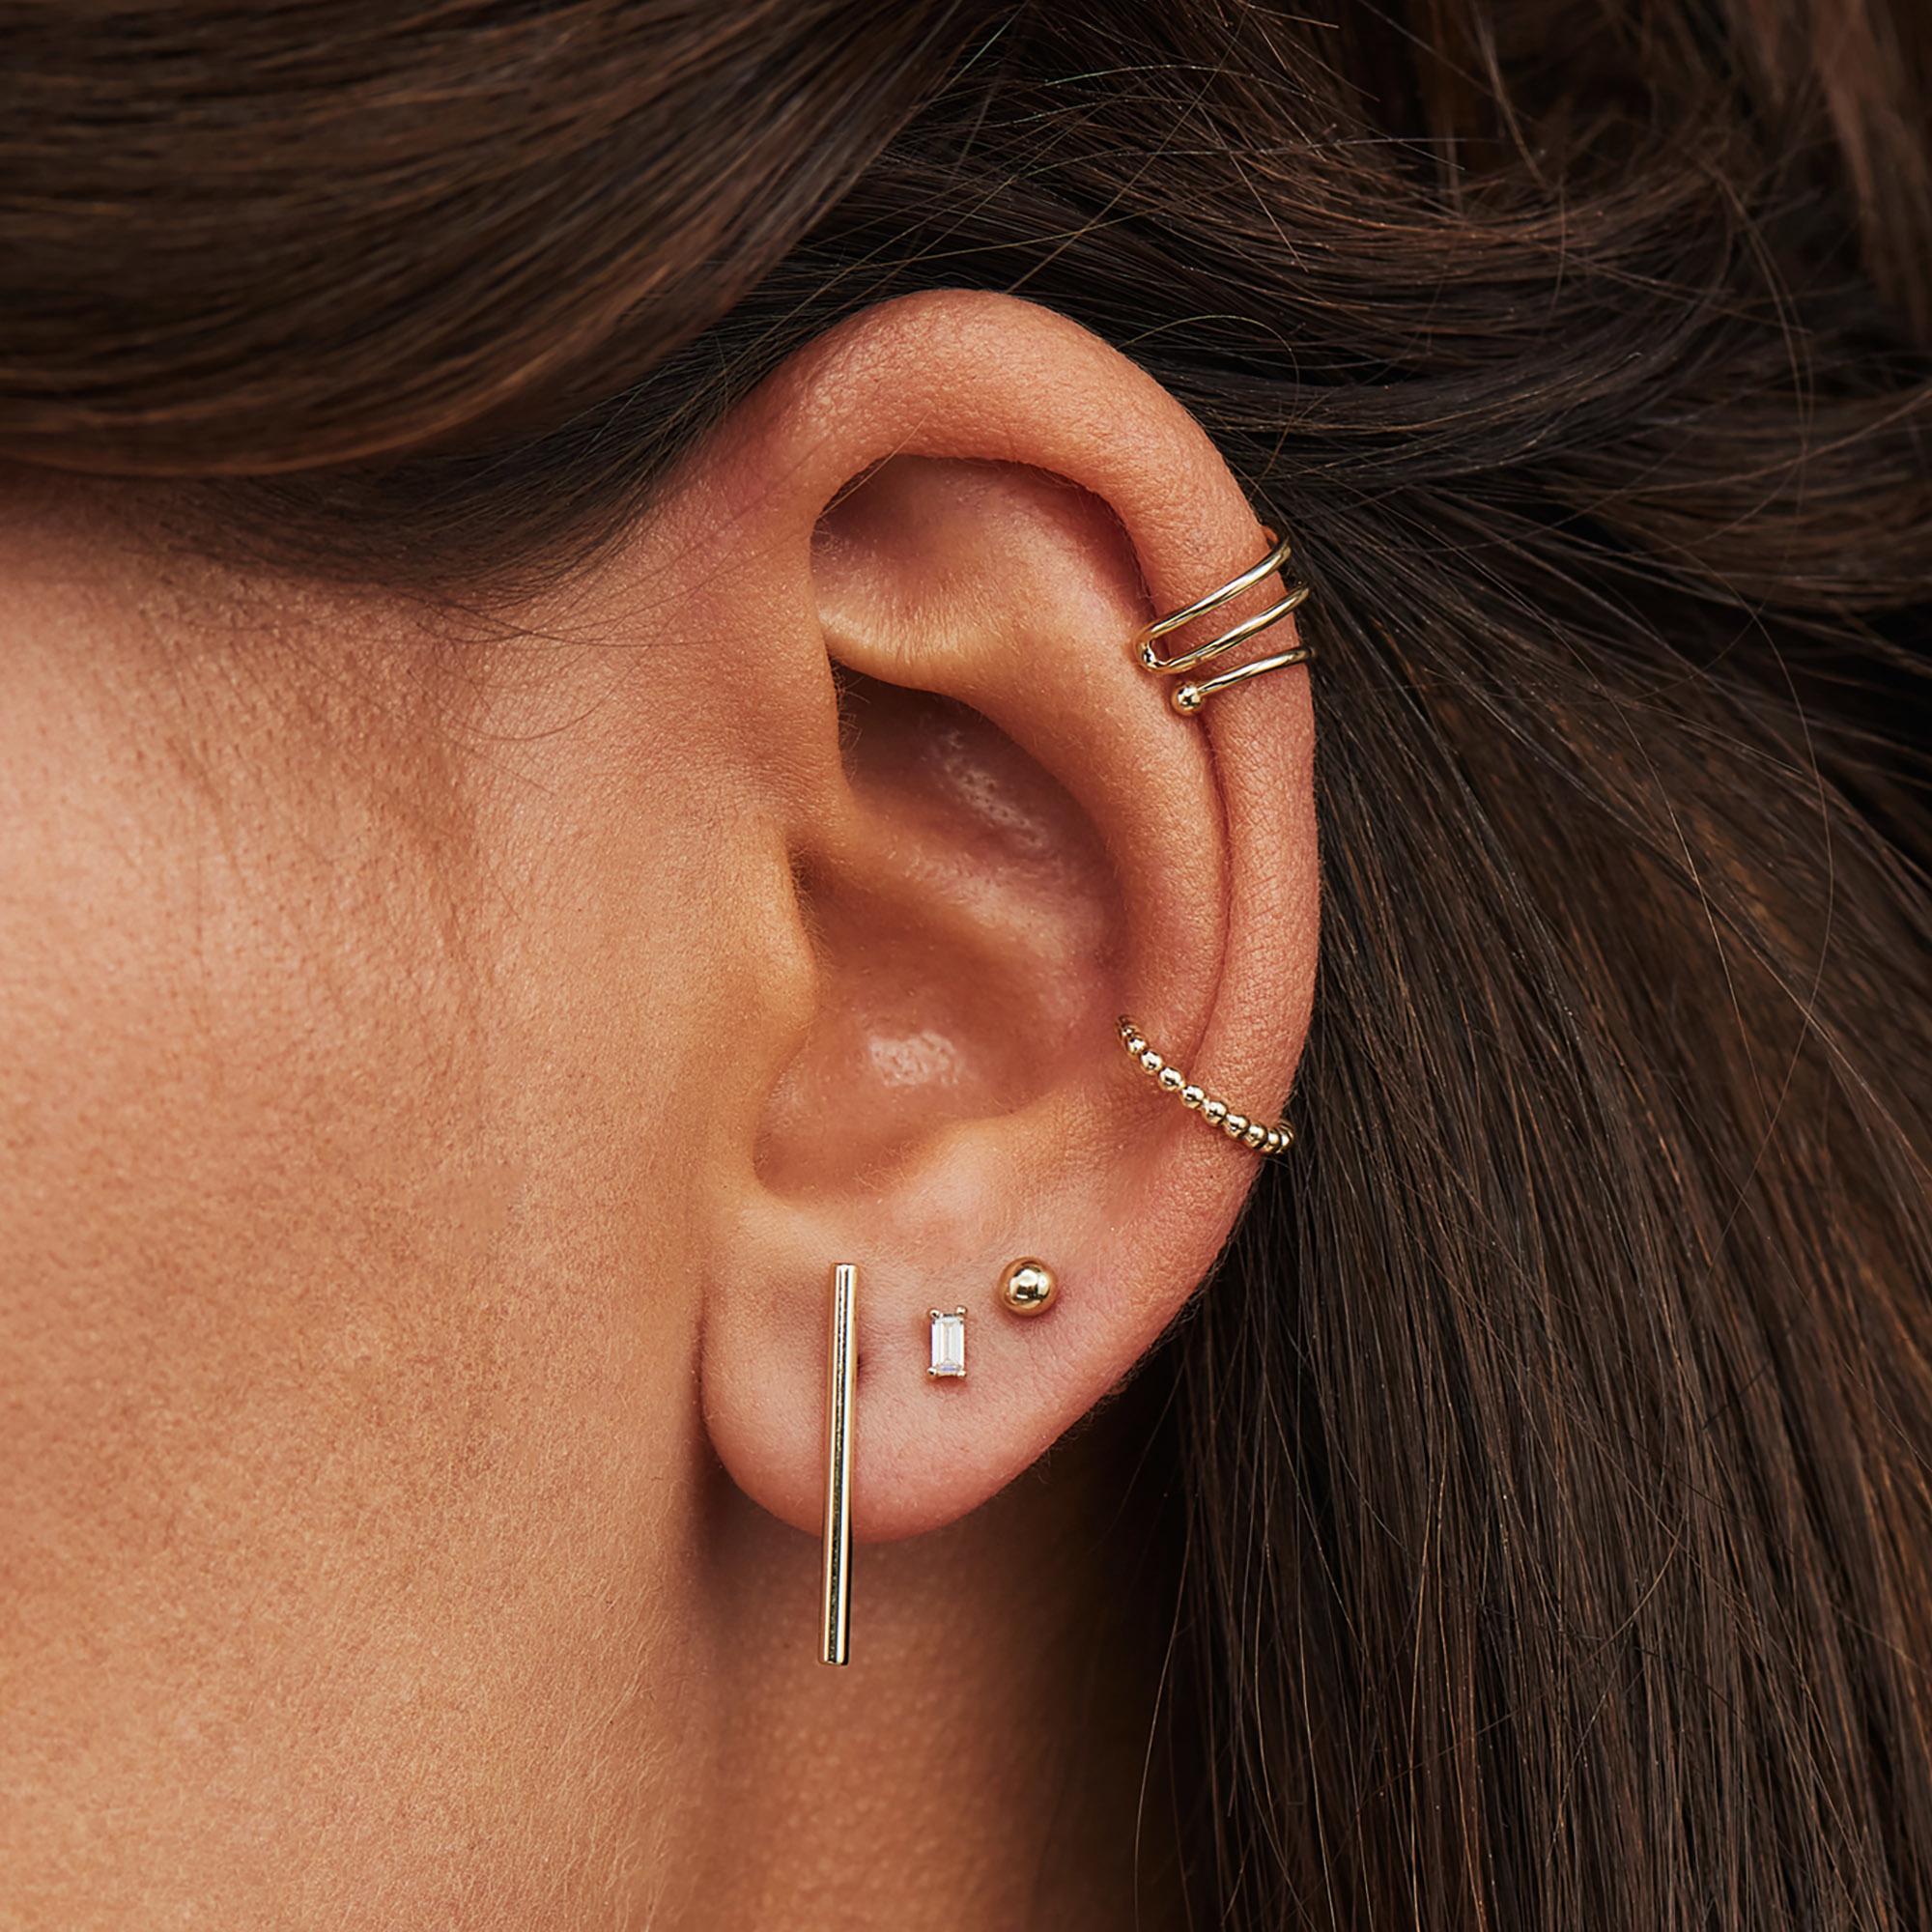 Isabel Bernard Le Marais Chéri 14 karat guld ear cuff